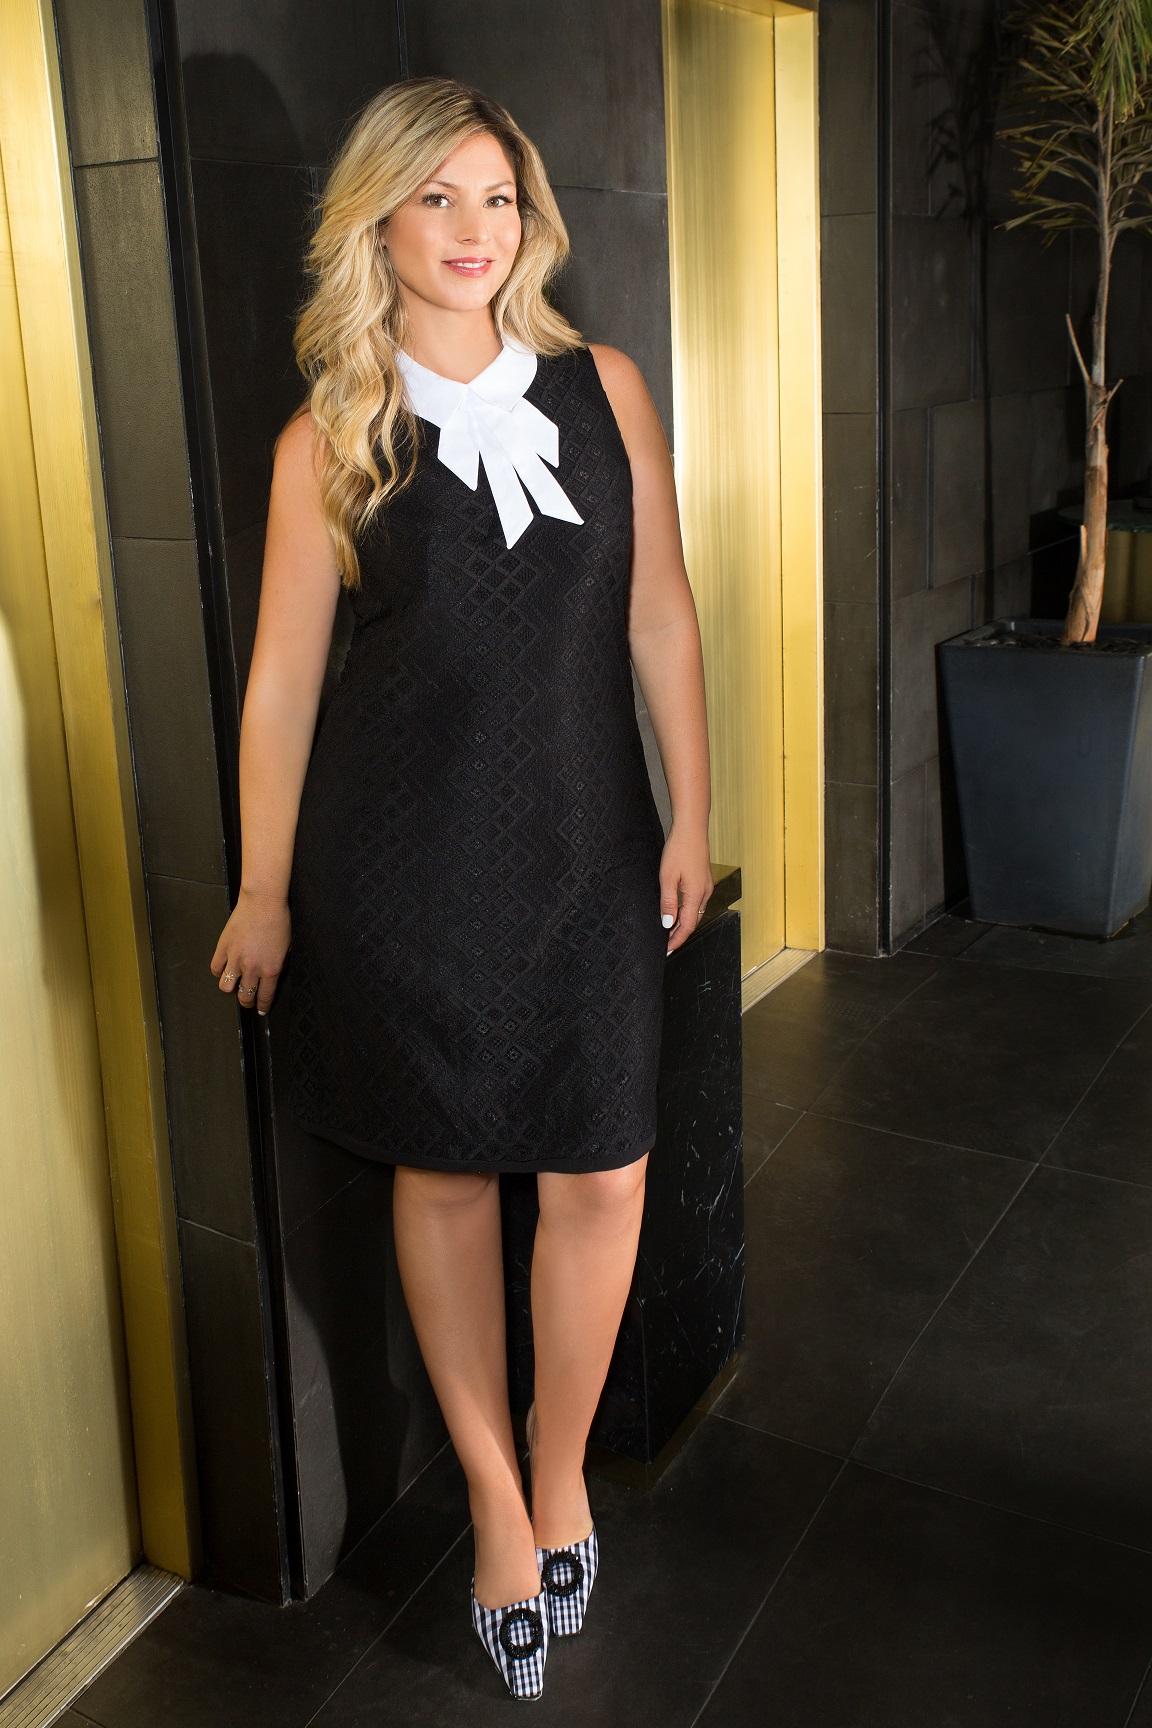 סנדרה רינגלר למתאים לי שמלה שחורה בשילוב צווארון פפיון לבן 449שח צילום עמיר צוק